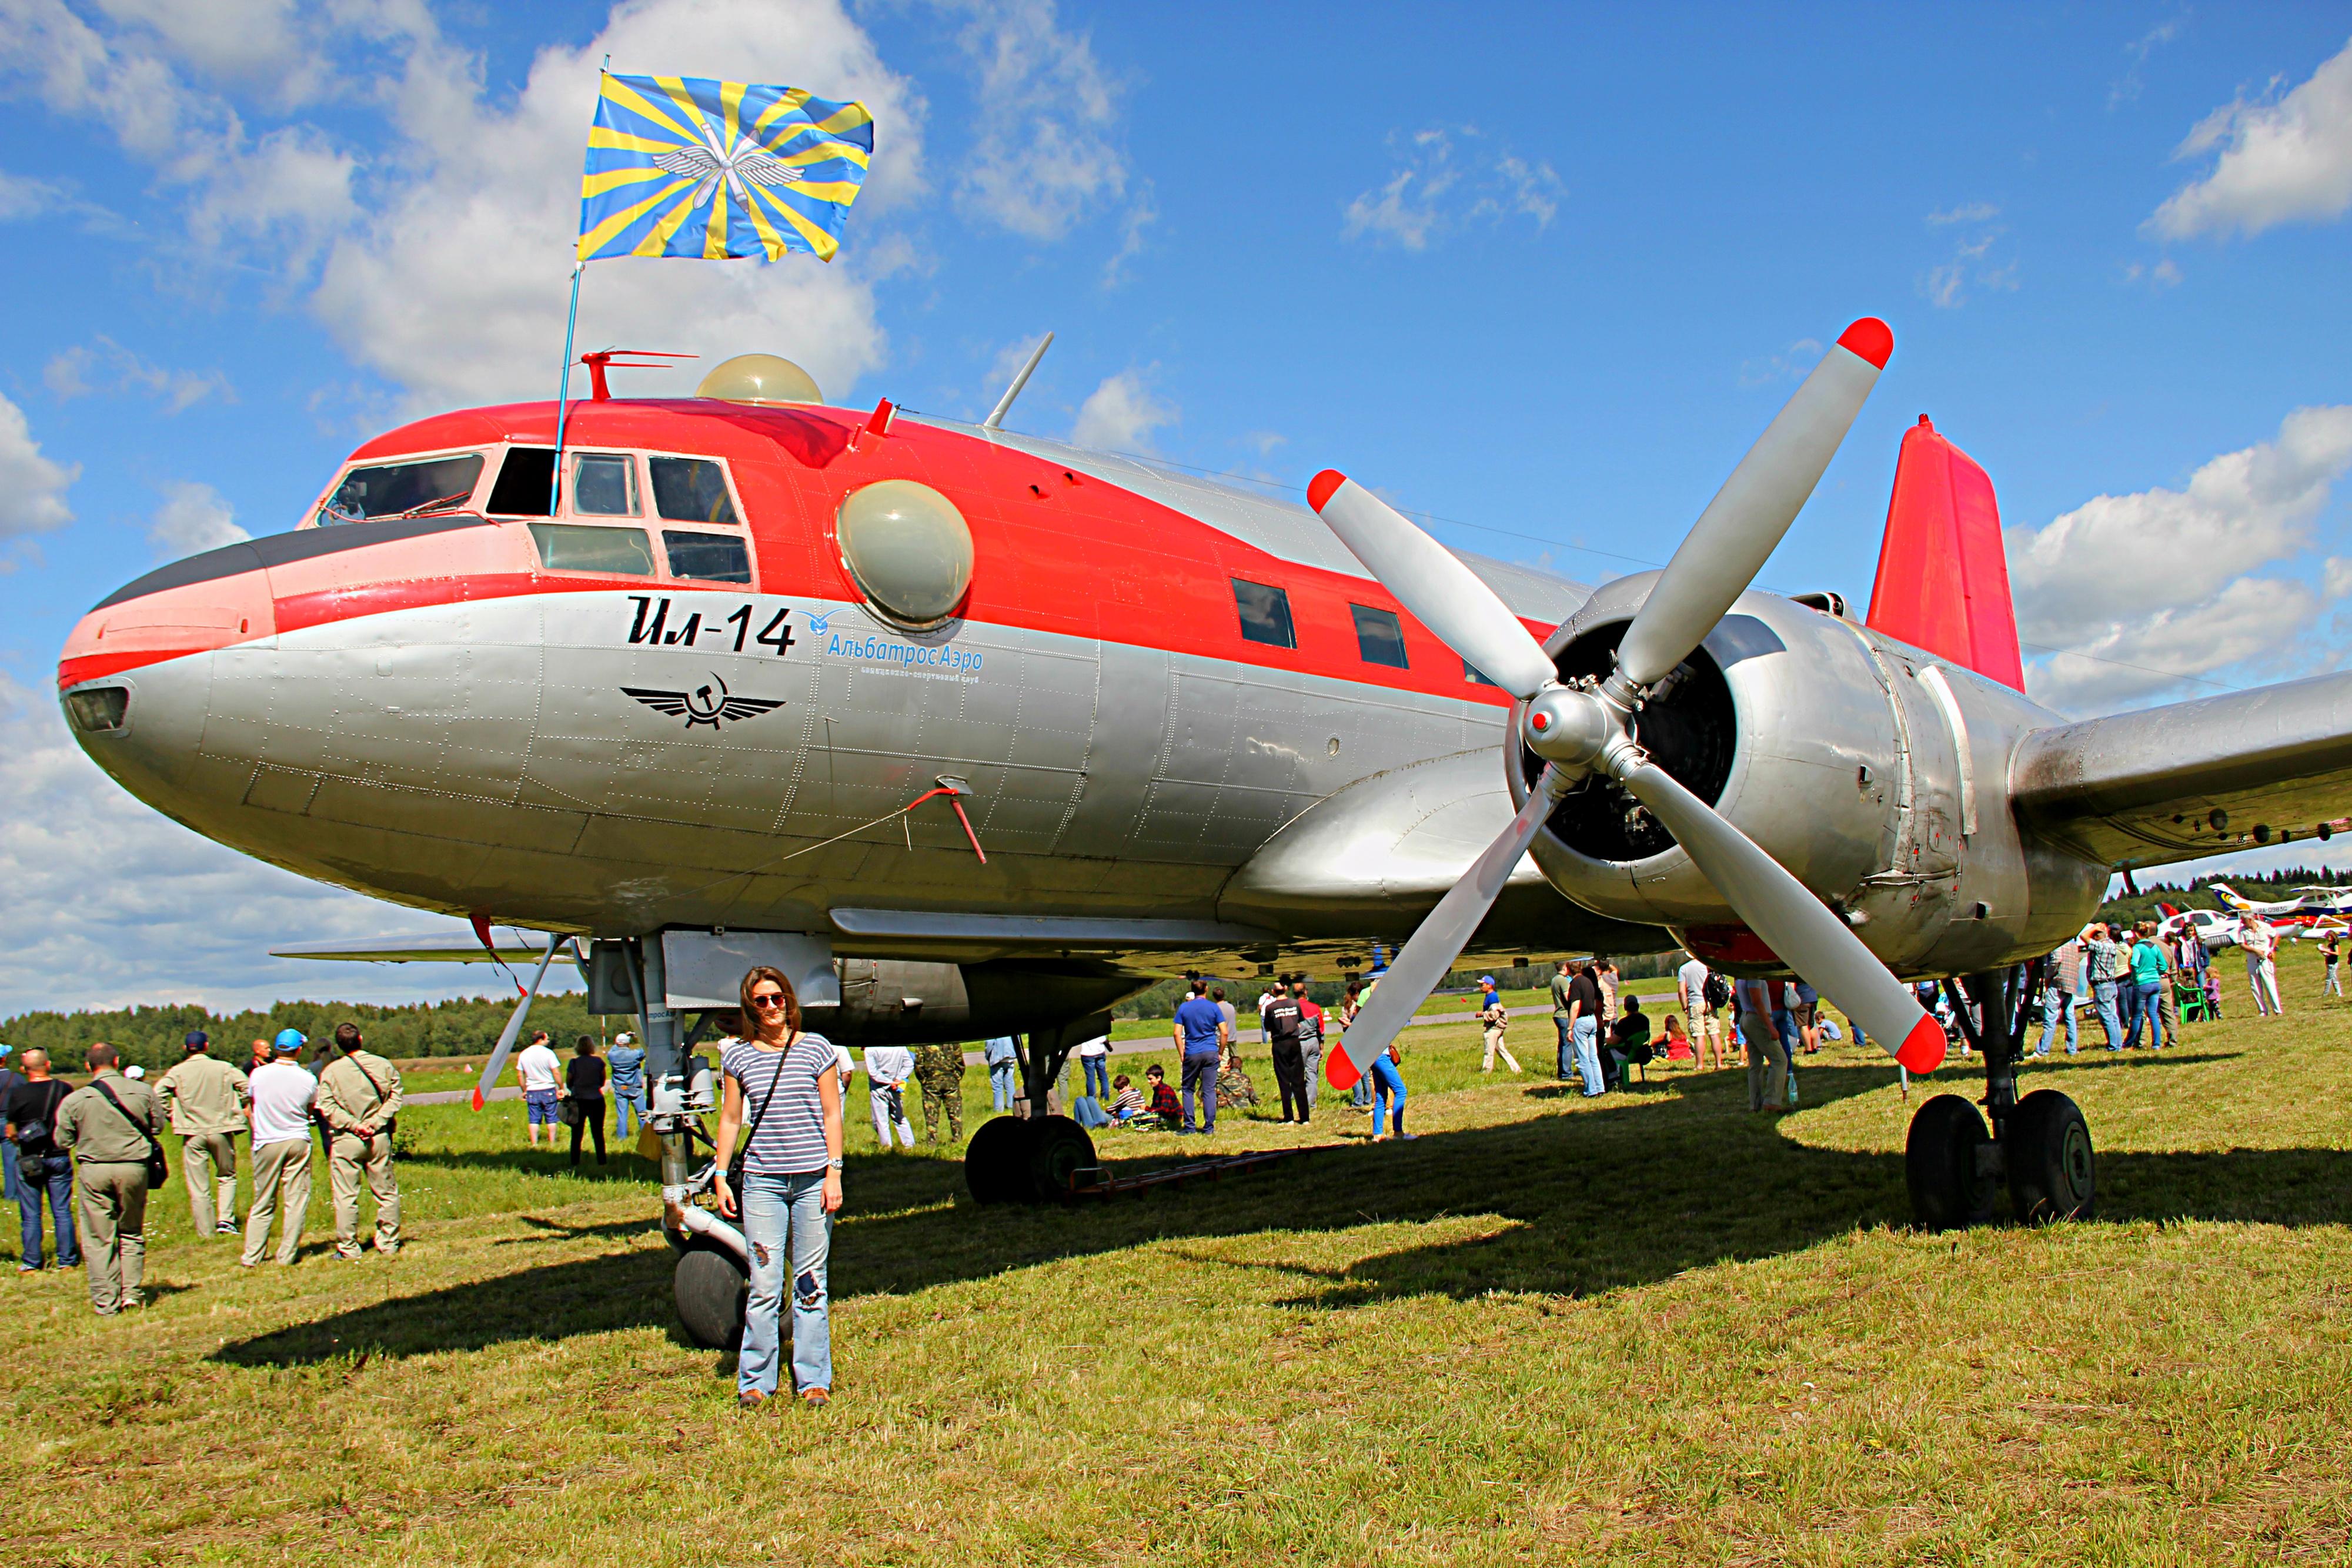 14 марта праздник Gallery: Полет на Ил-14